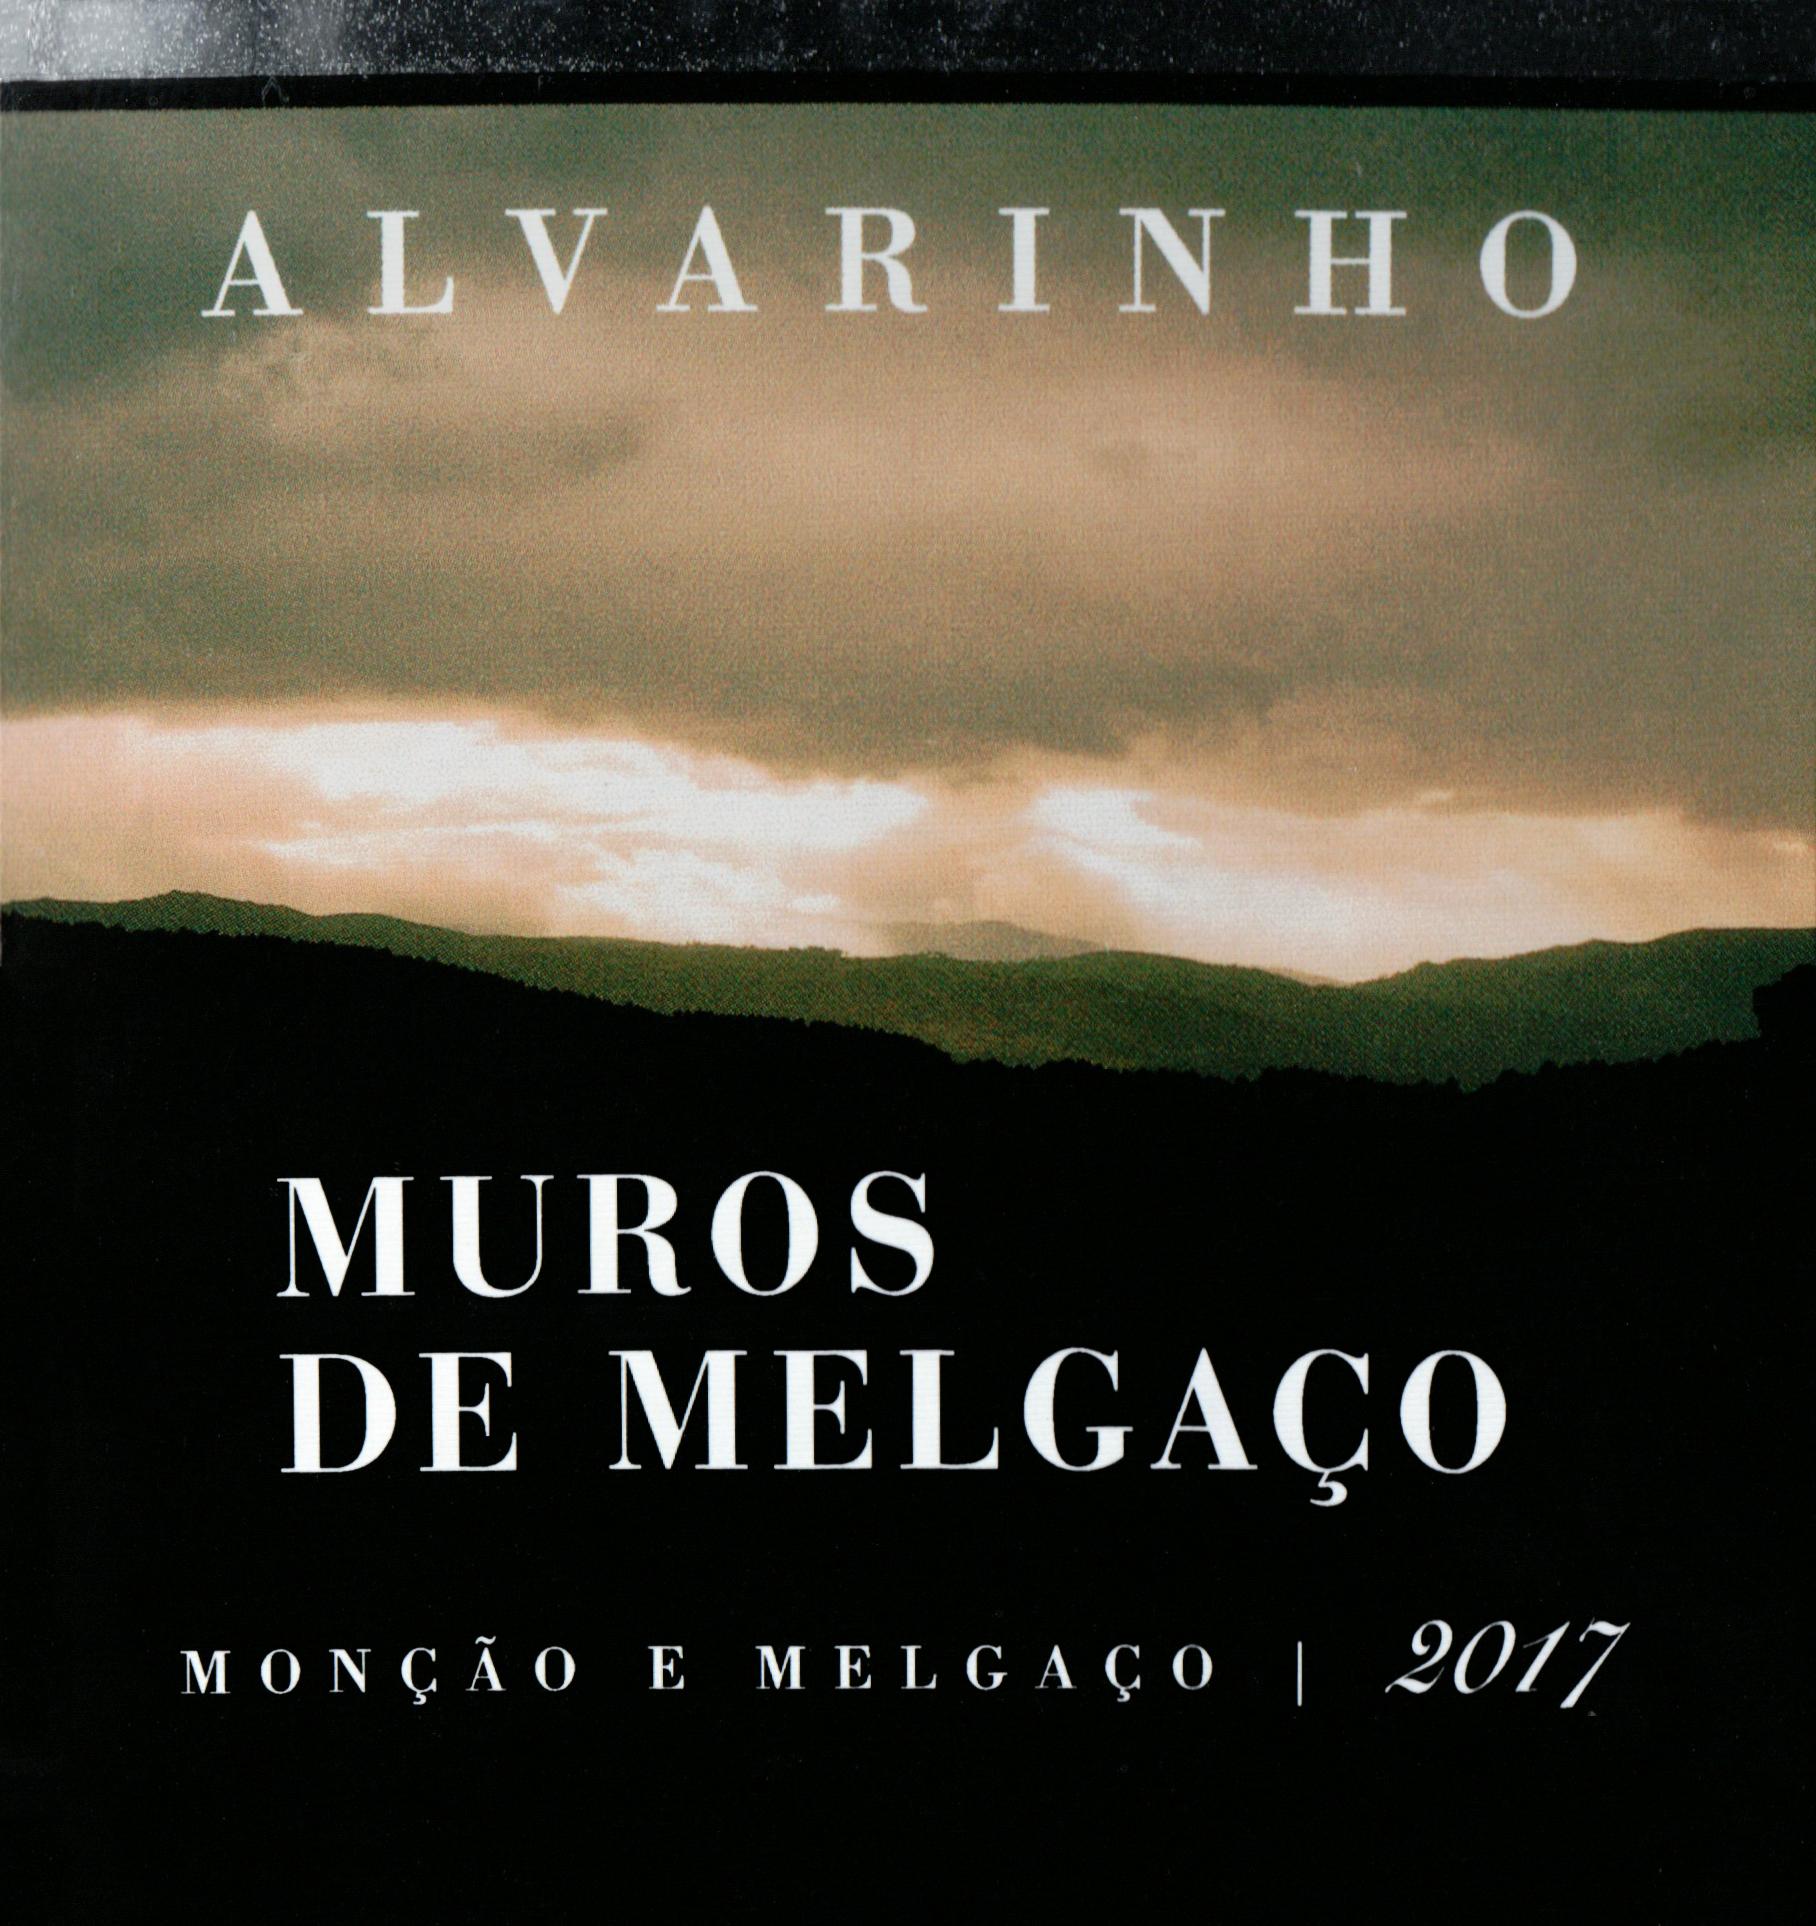 Anselmo Mendes Muros De Melgaco 2017